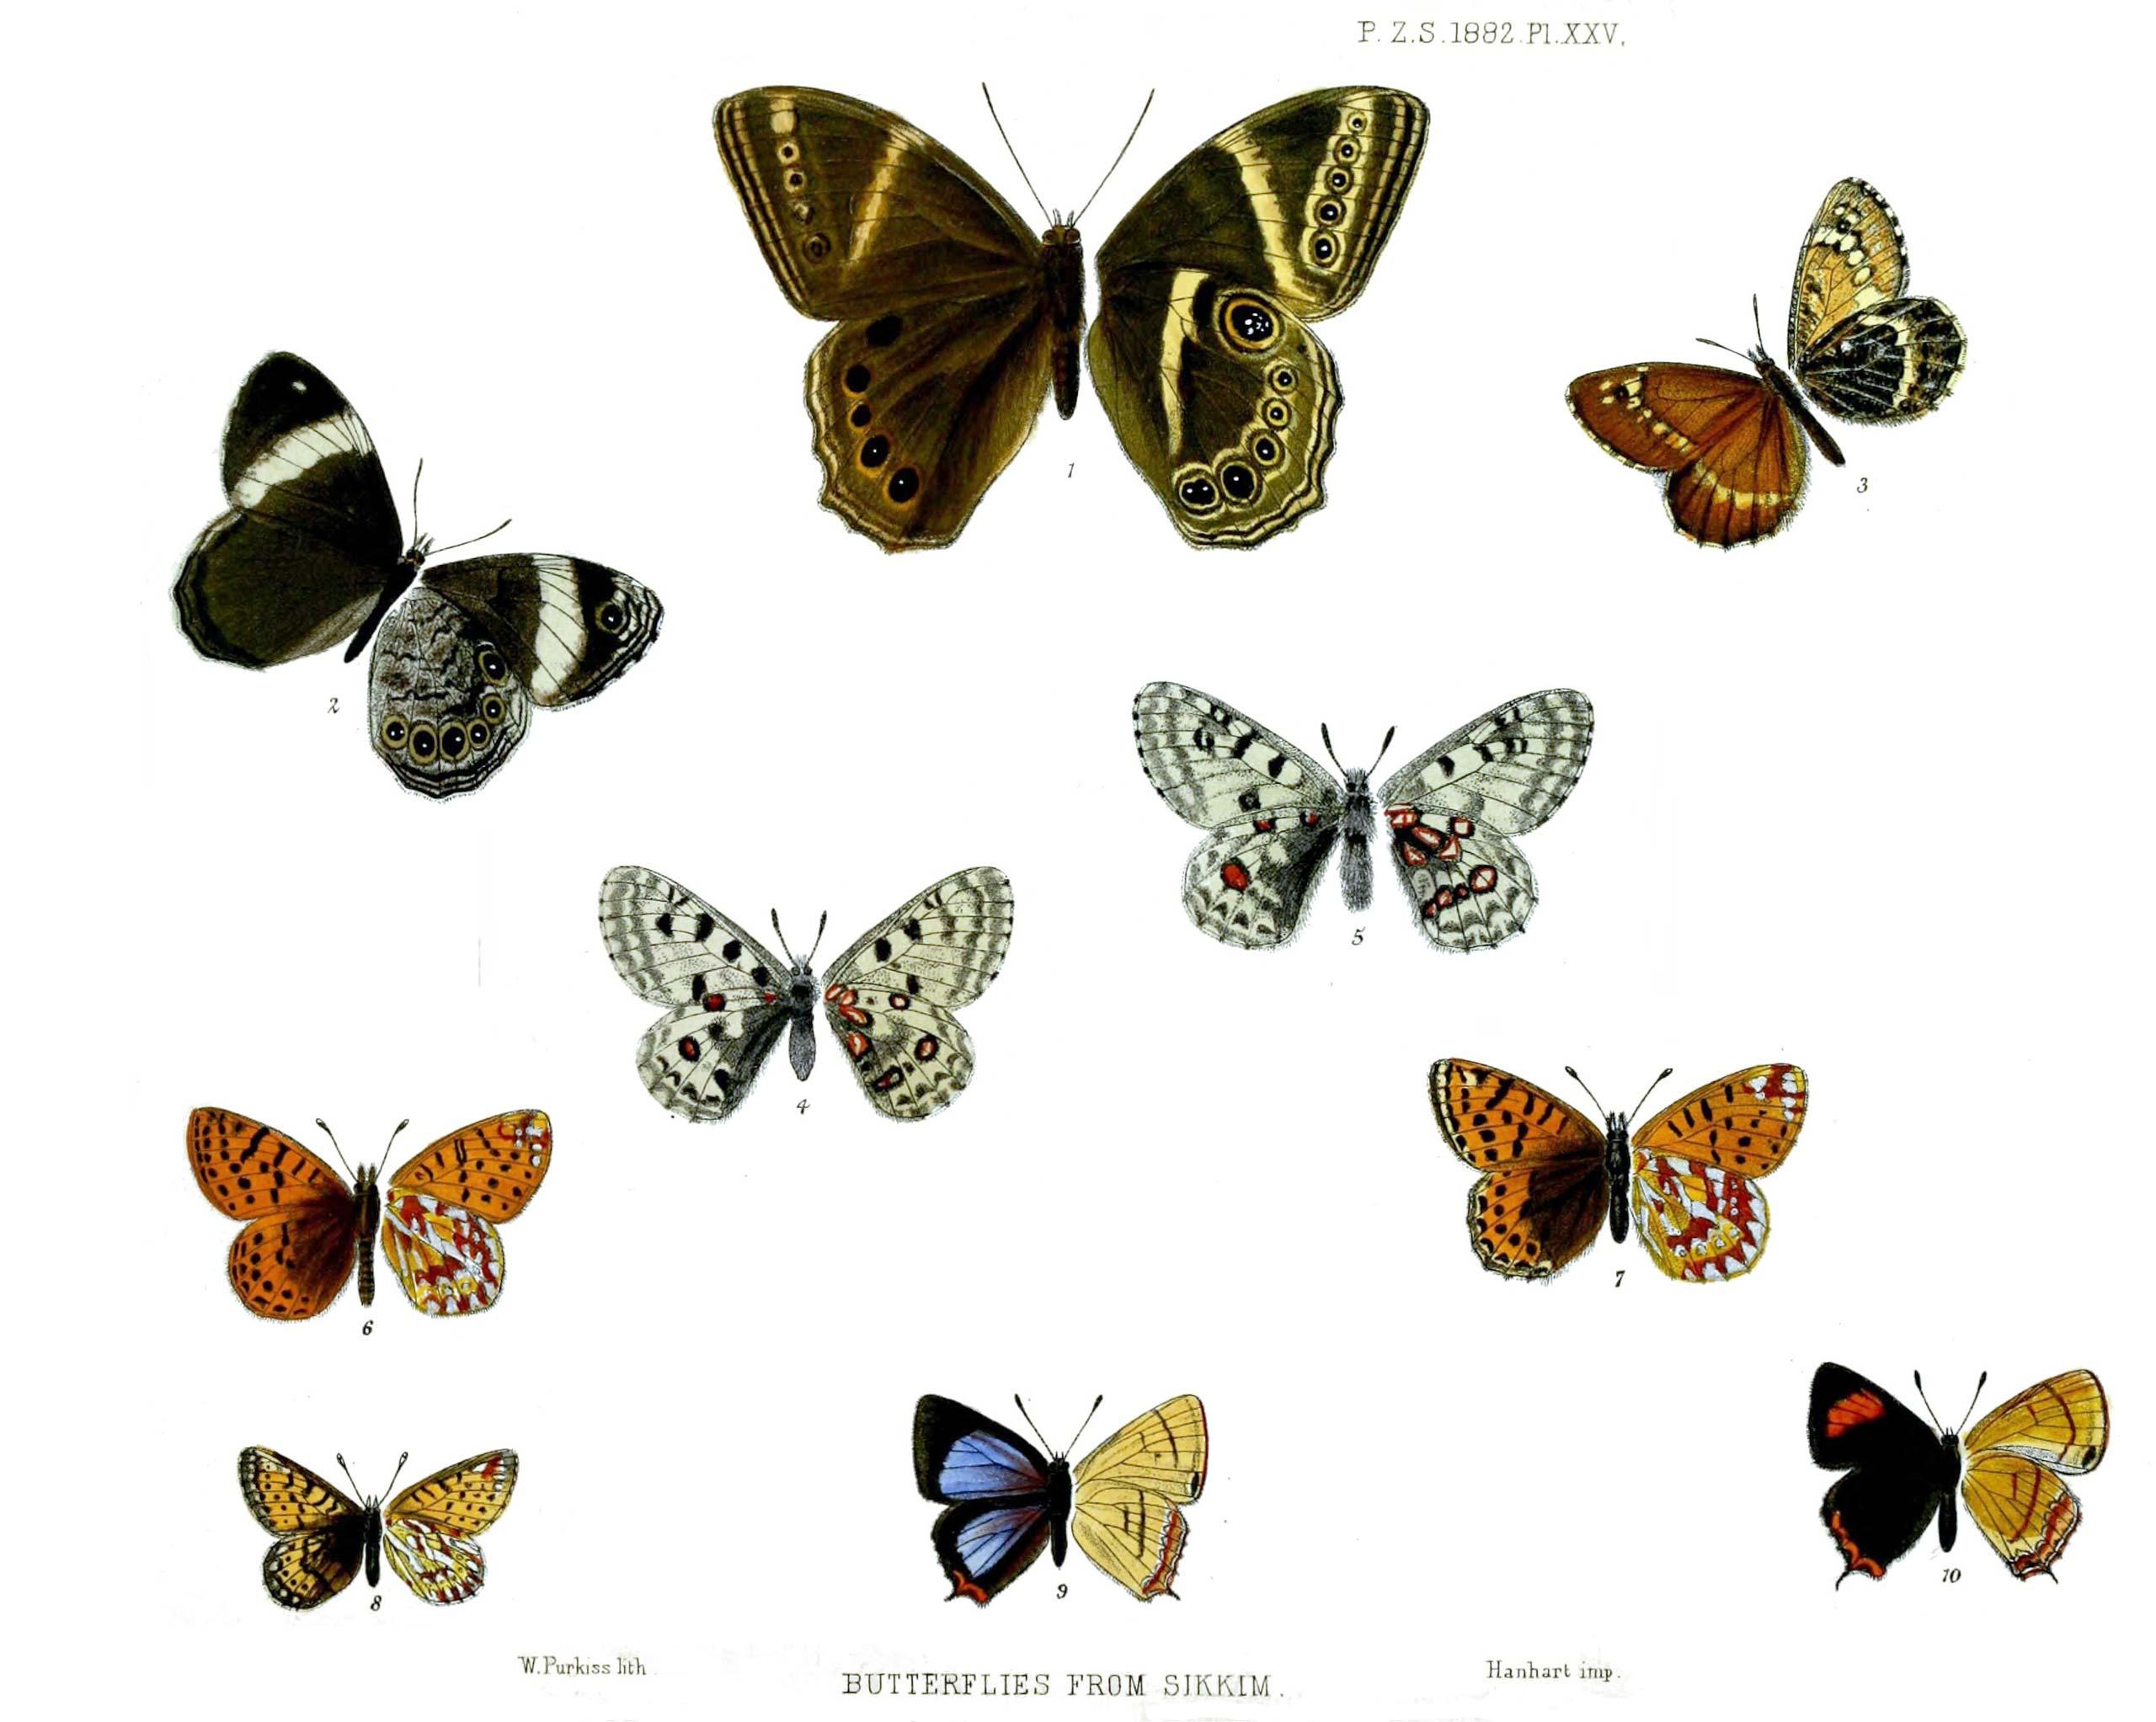 Butterflies from Sikkim Plate